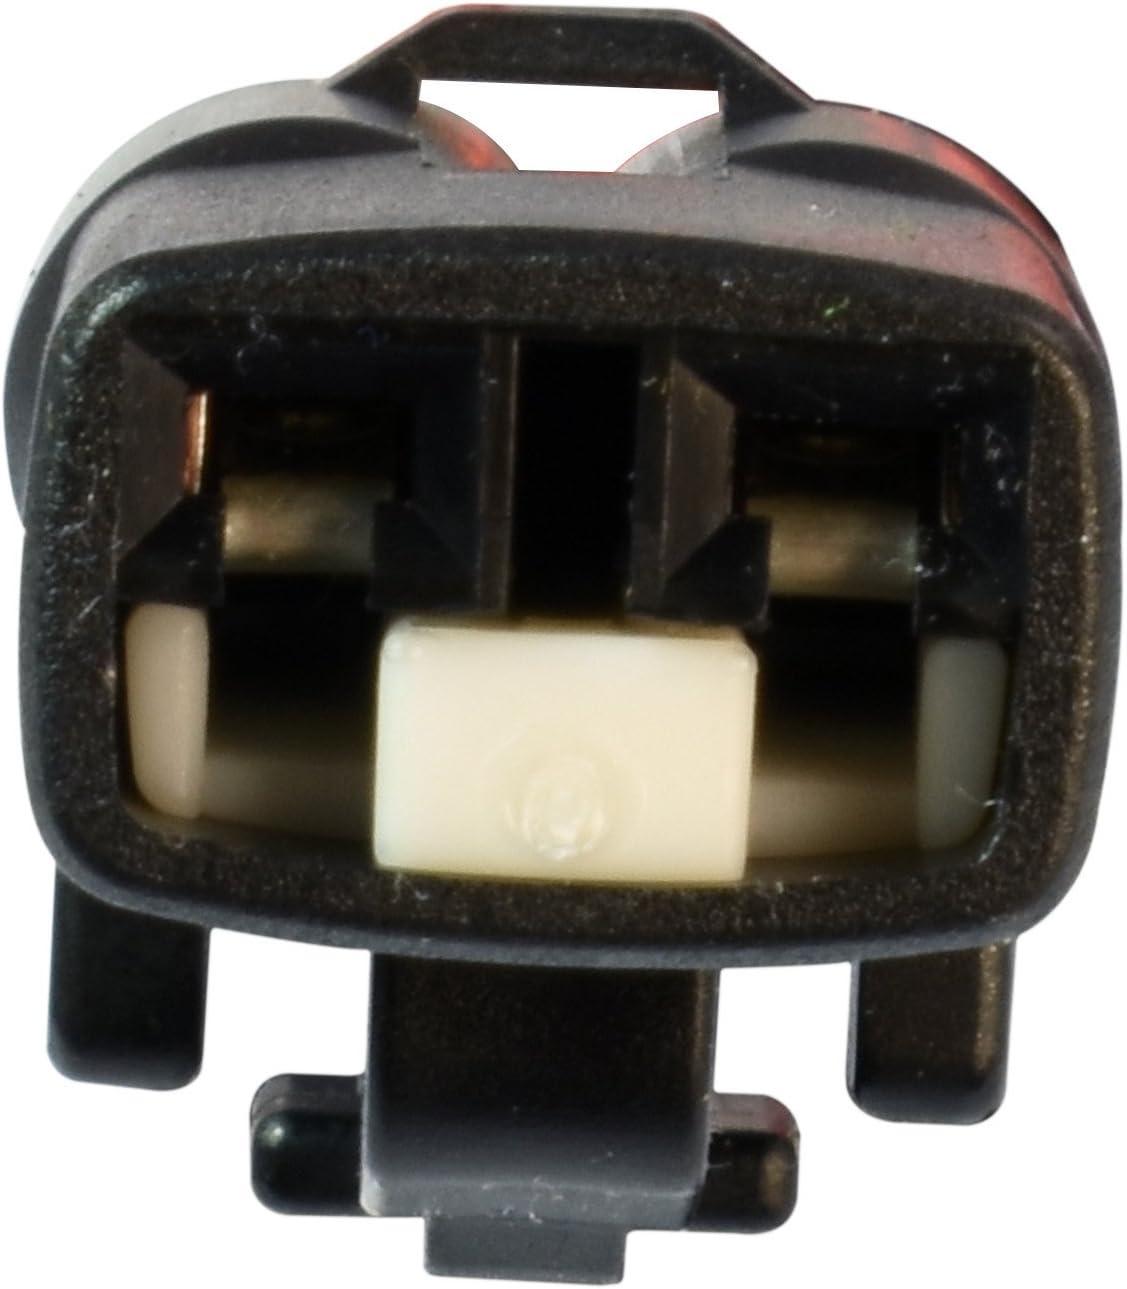 Mando 25A5141 ABS Wheel Speed Sensor Original Equipment